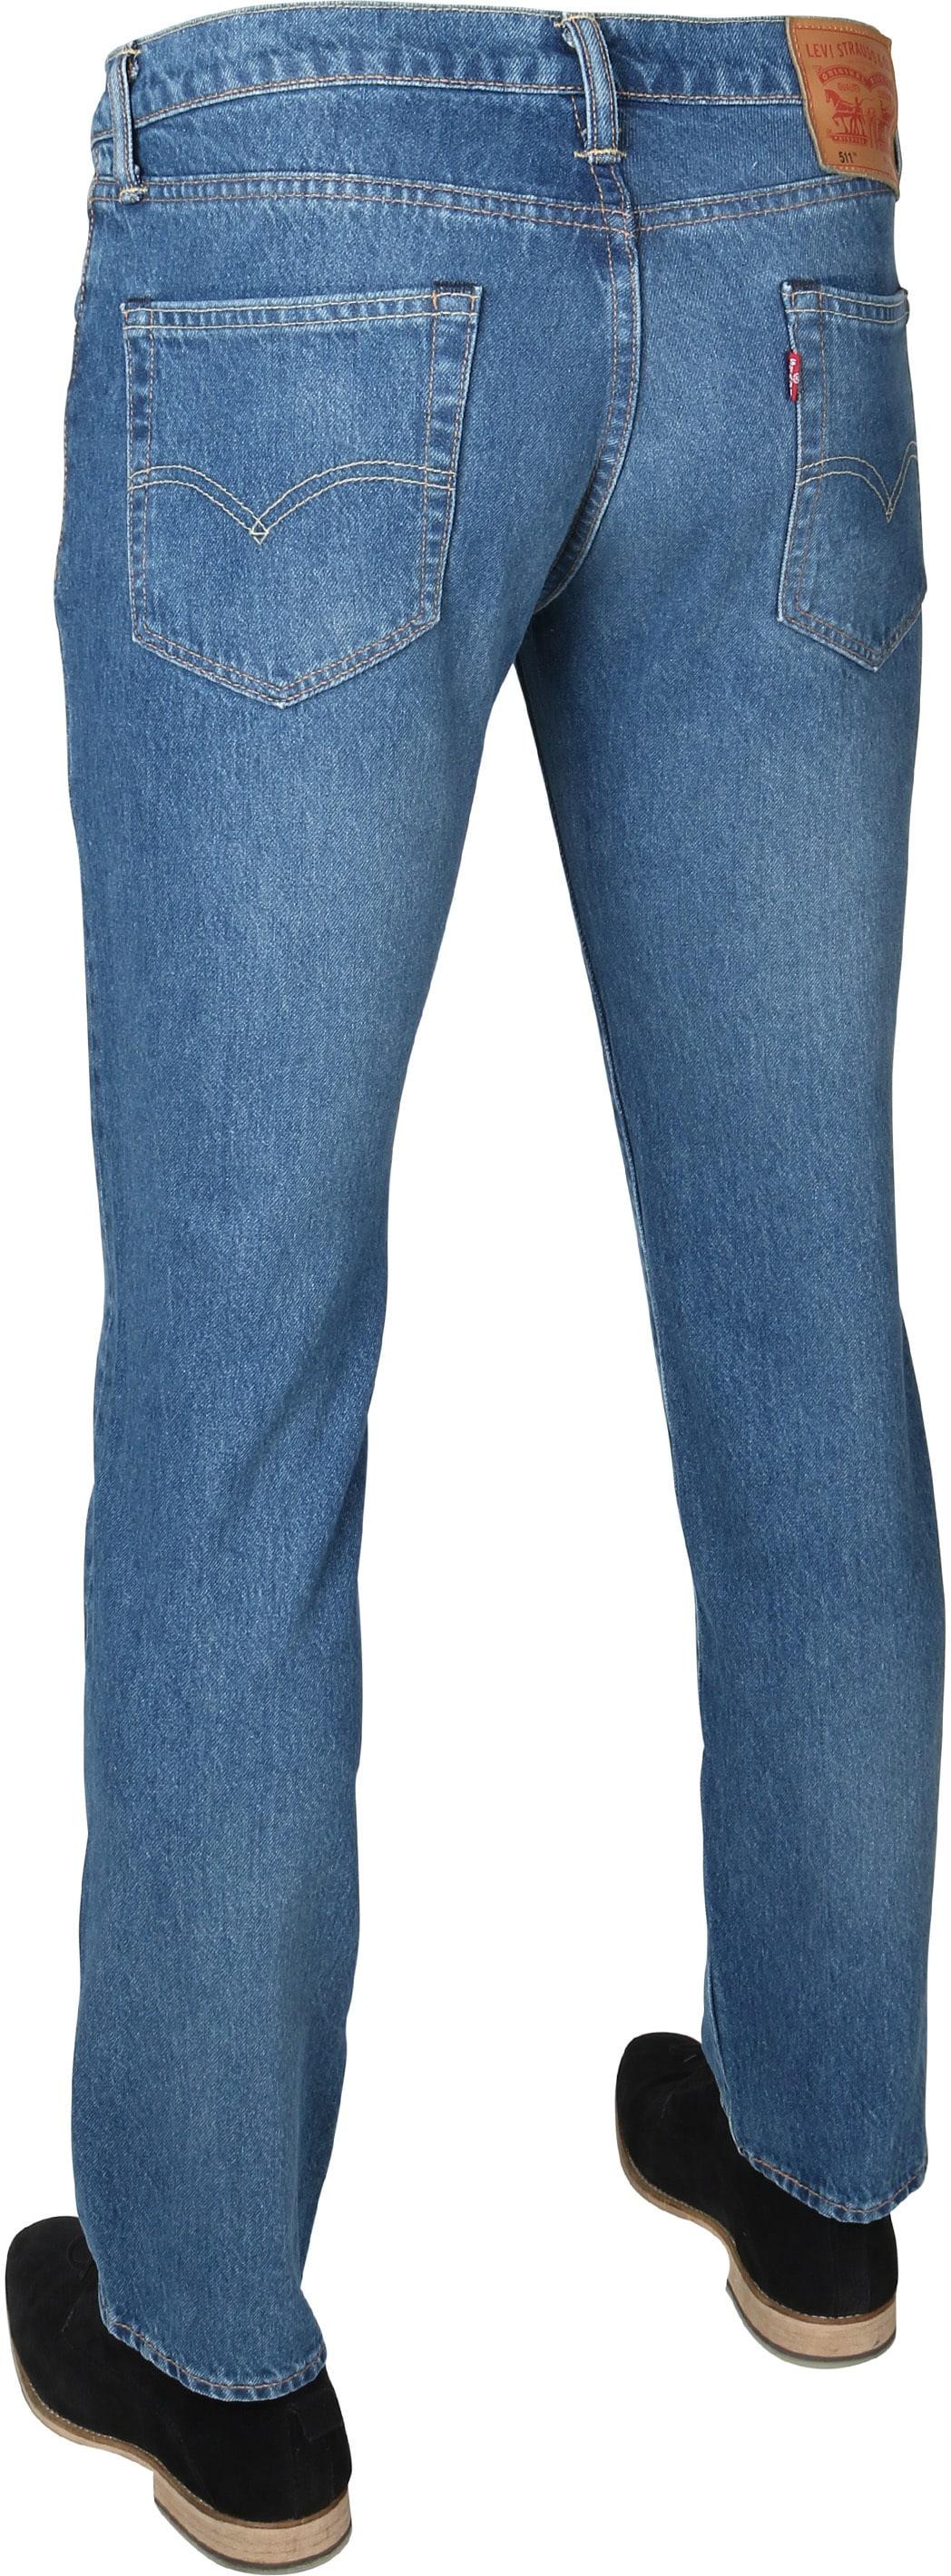 Levi's 511 Jeans Slim Fit Blauw foto 2